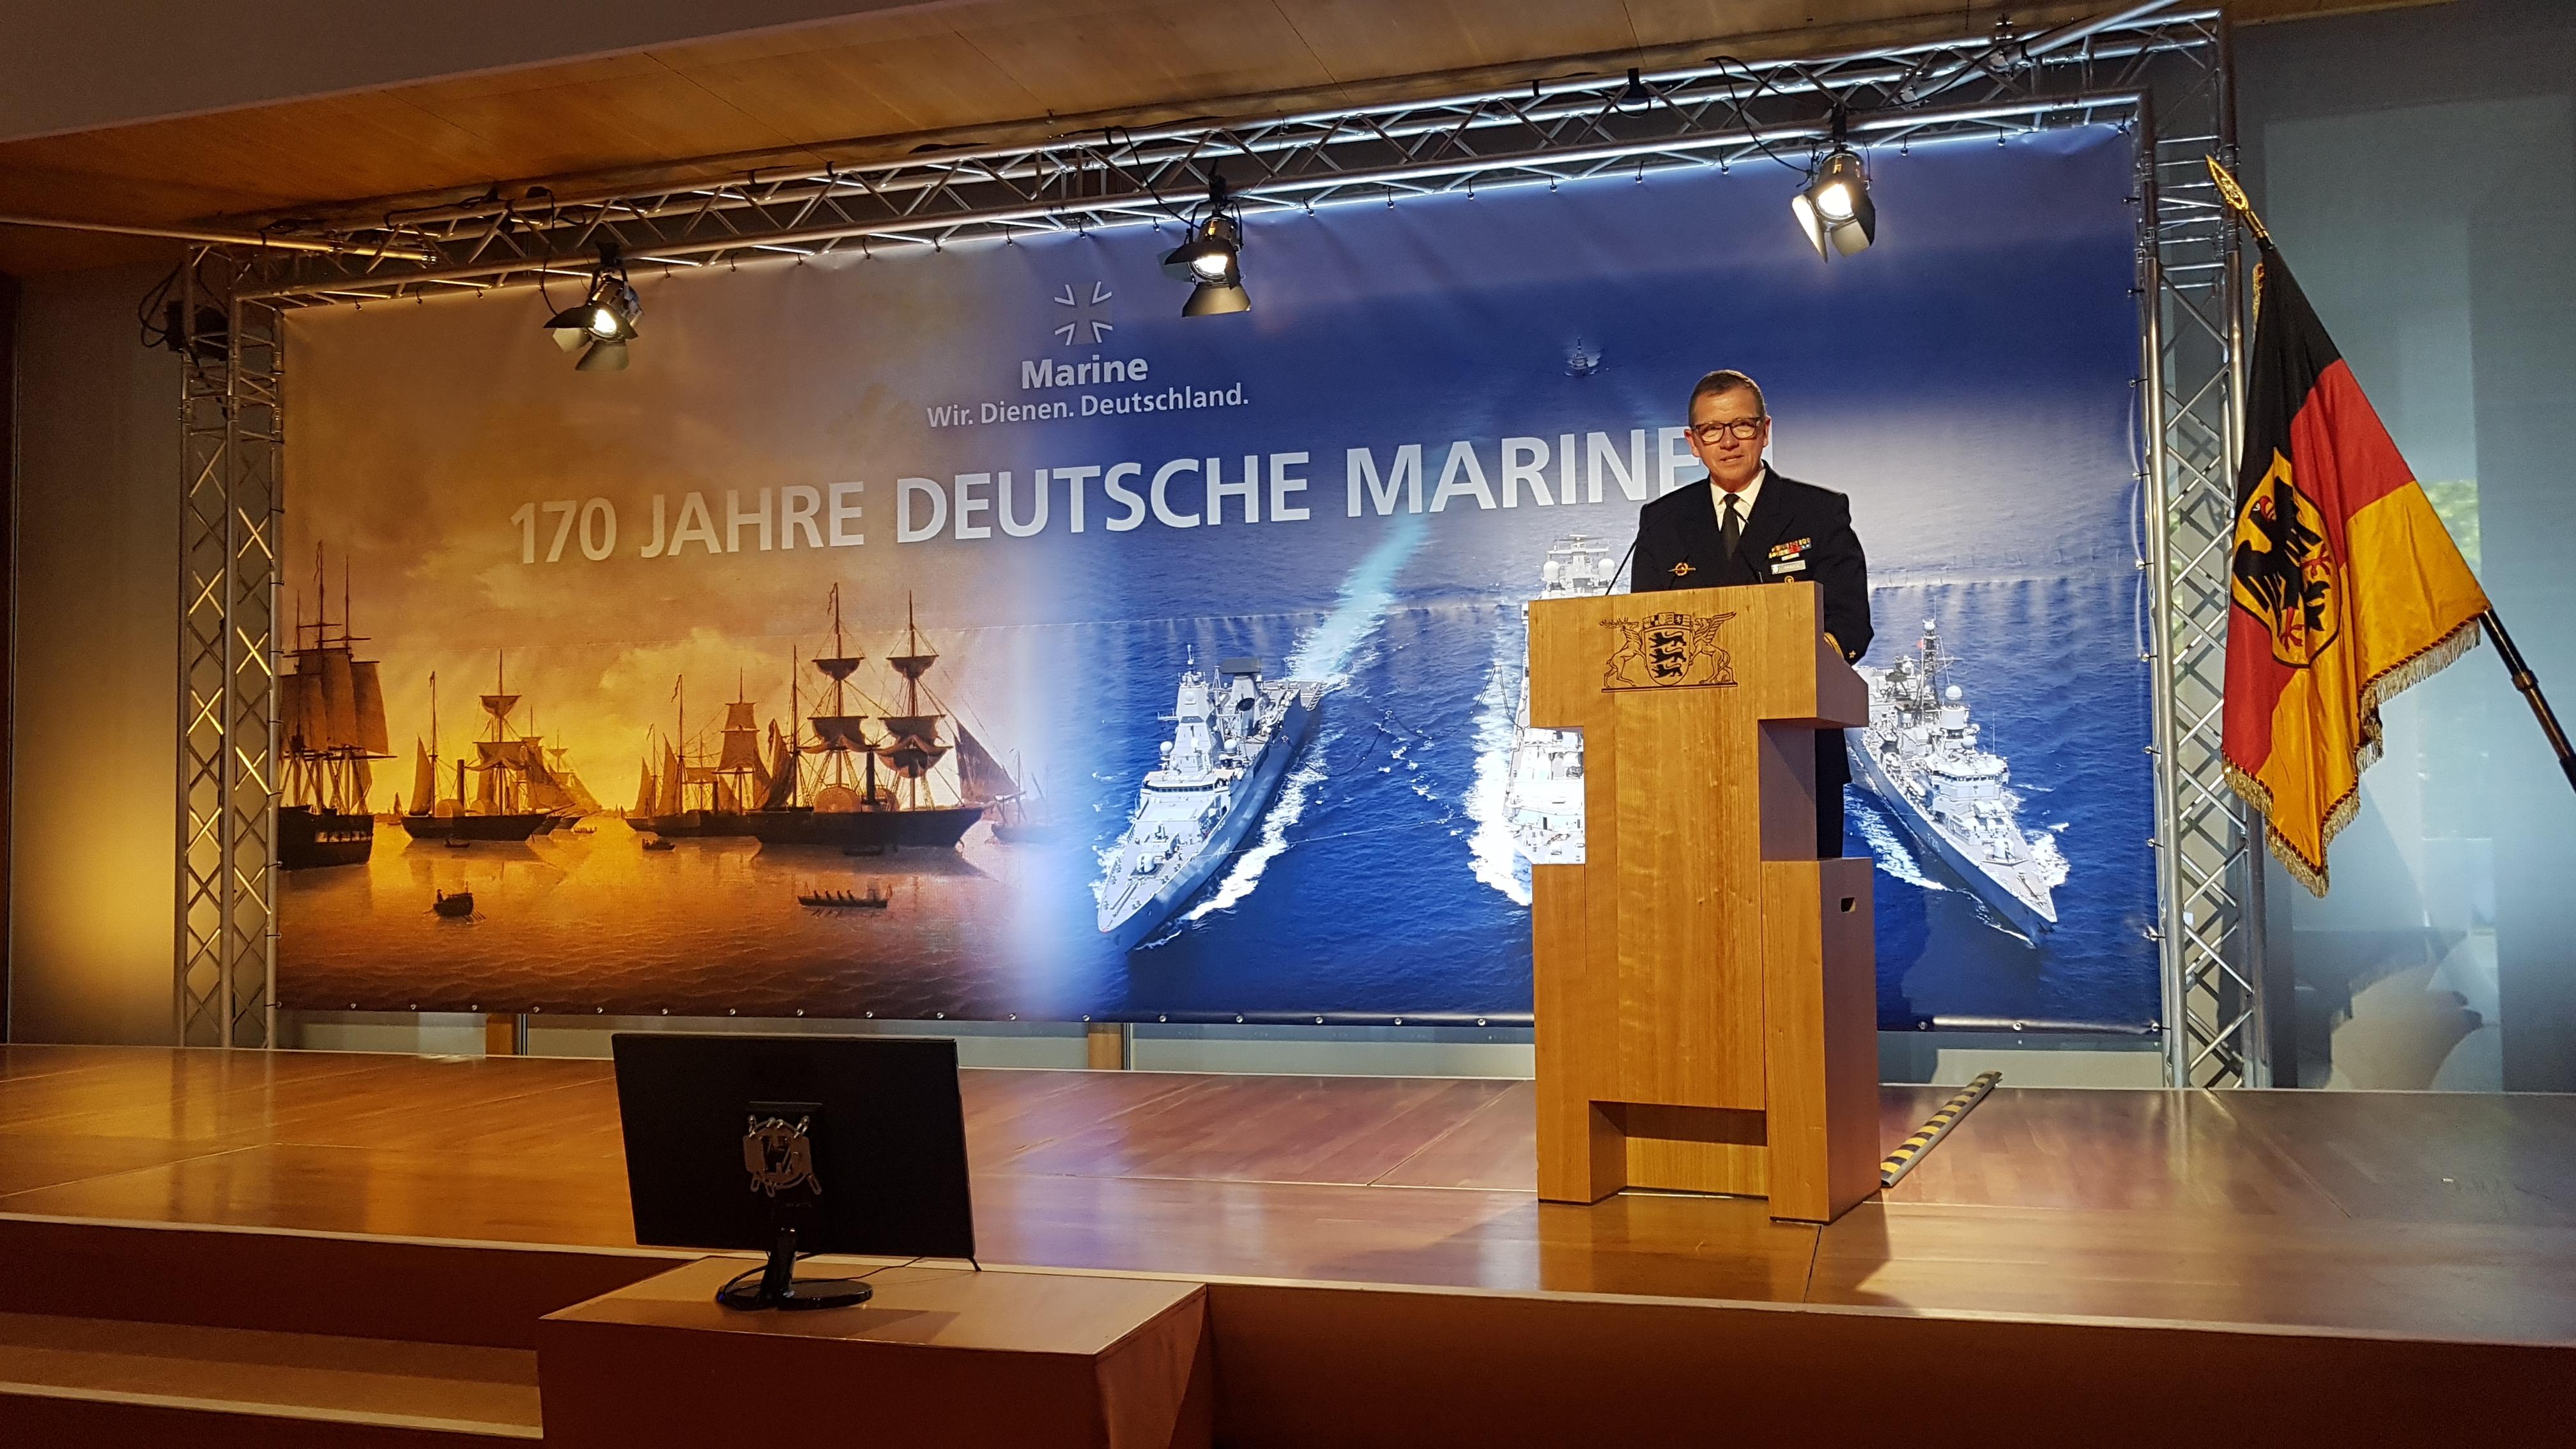 Der Inspekteur der Marine, Vizeadmiral Andreas Krause, auf dem 2. Parlamentarischen Abend der Deutschen Marine am 14.06.2018 in Berlin. Foto: May-Barg.